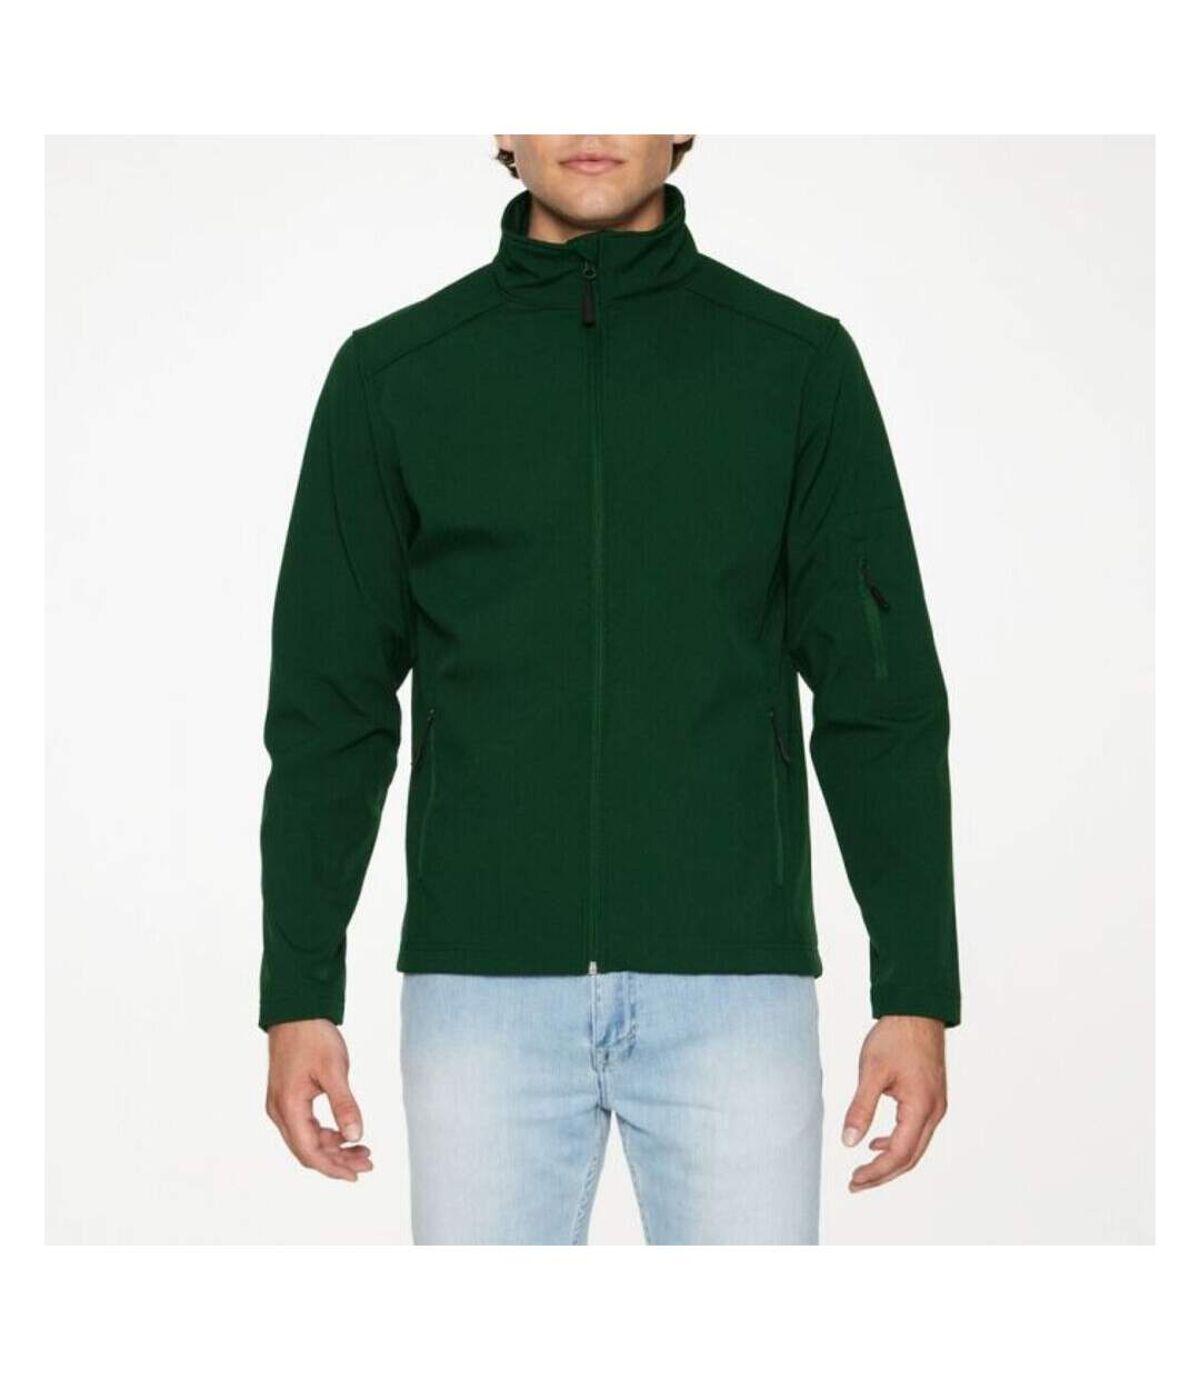 Gildan Mens Hammer Soft Shell Jacket (Forest Green) - UTPC3990